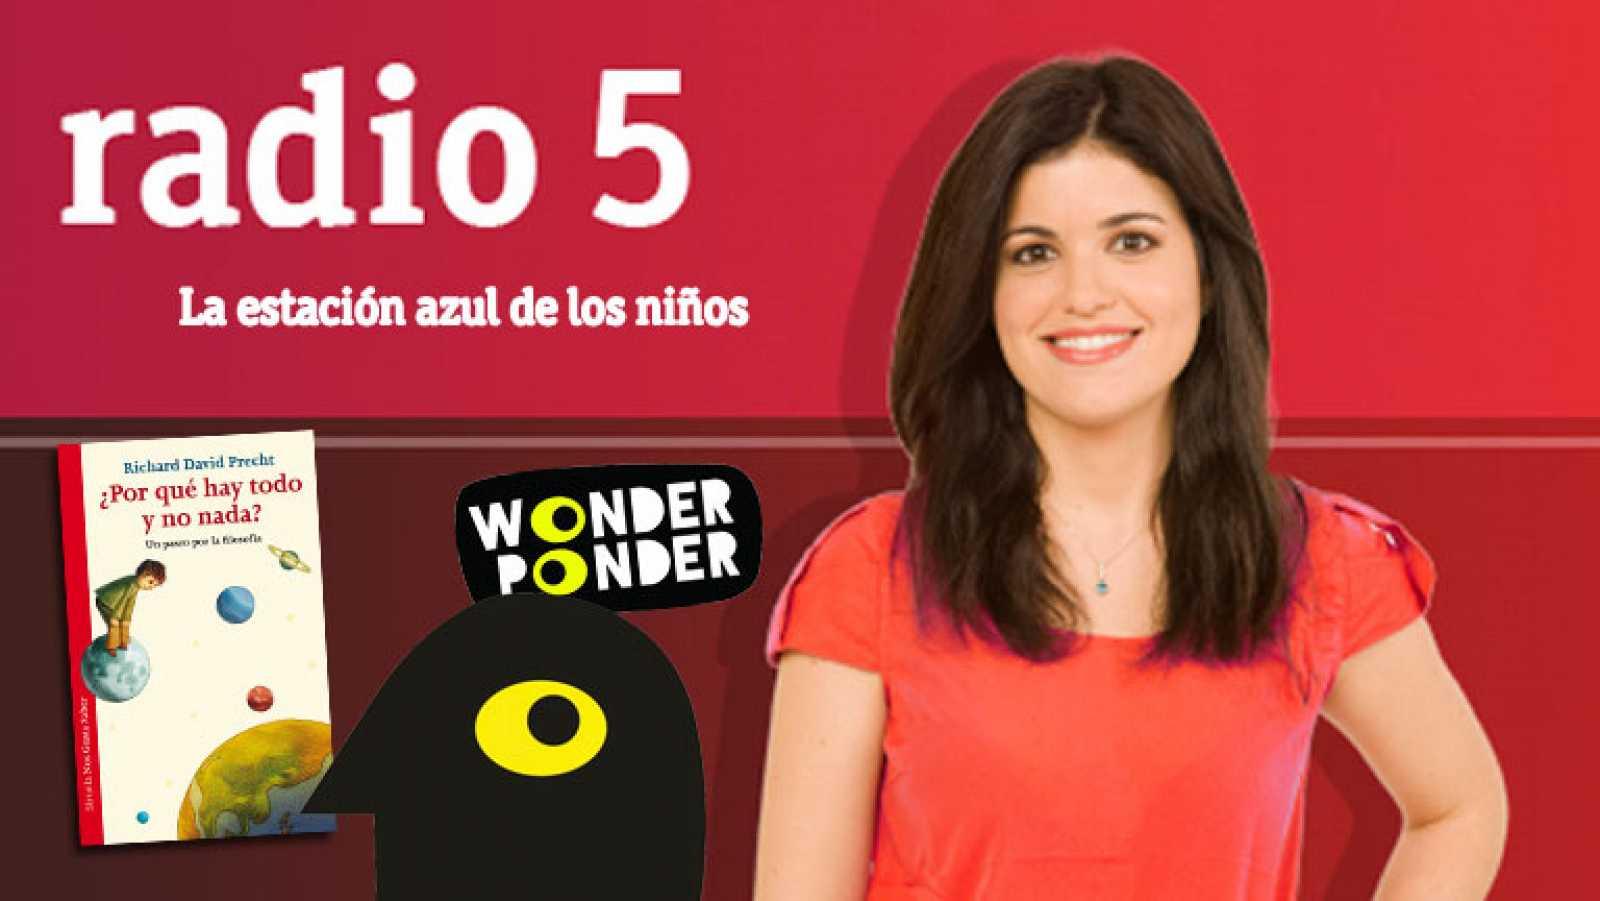 Jugar a la filosofía, con Wonder Ponder - Entrevista-juego, por Cristina Hermoso de Mendoza en RNE